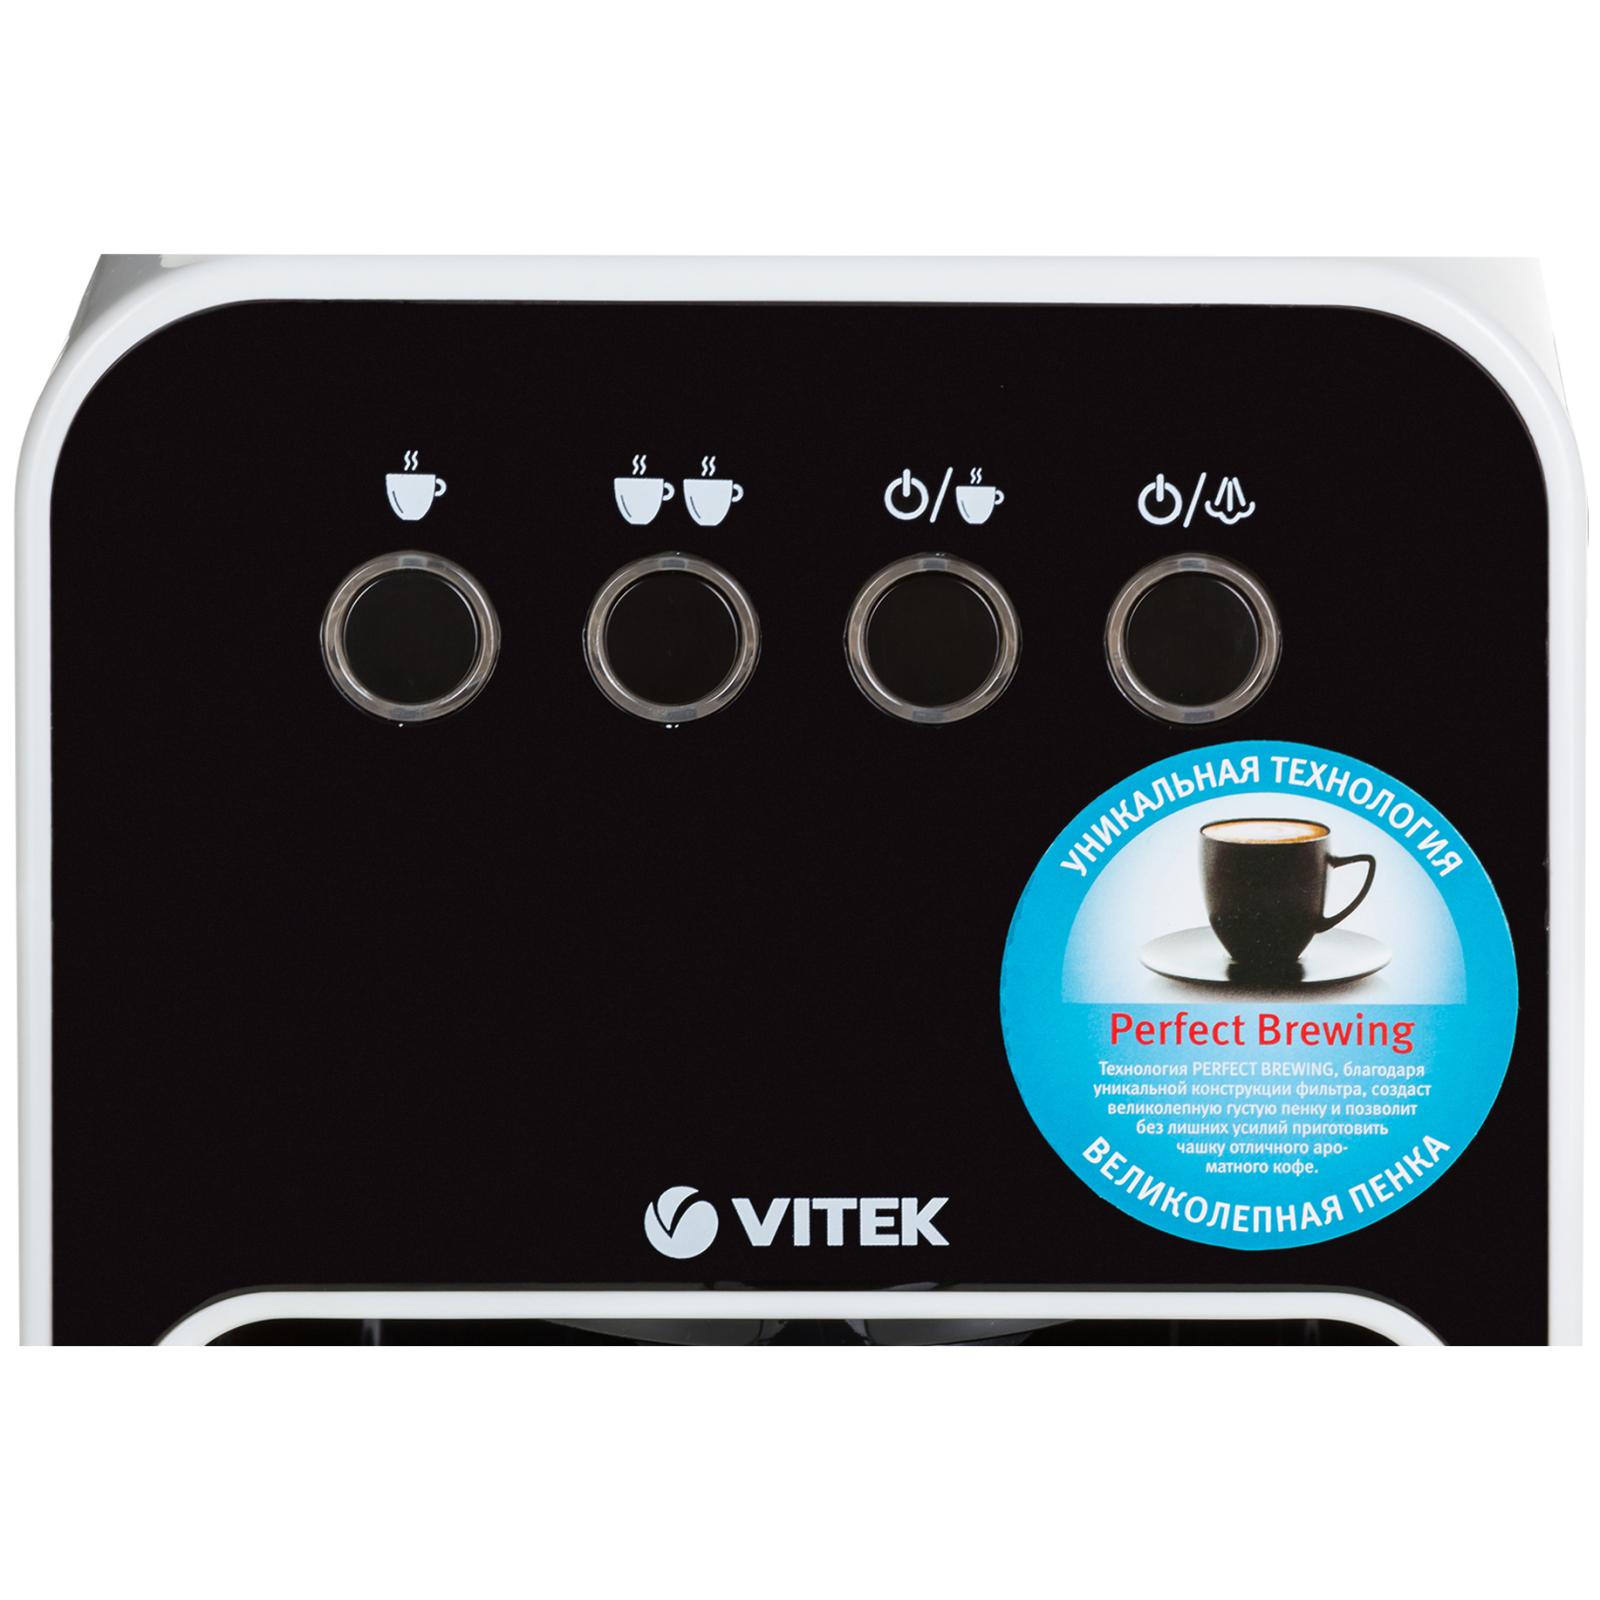 Кофеварка VITEK VT-1504 изображение 5